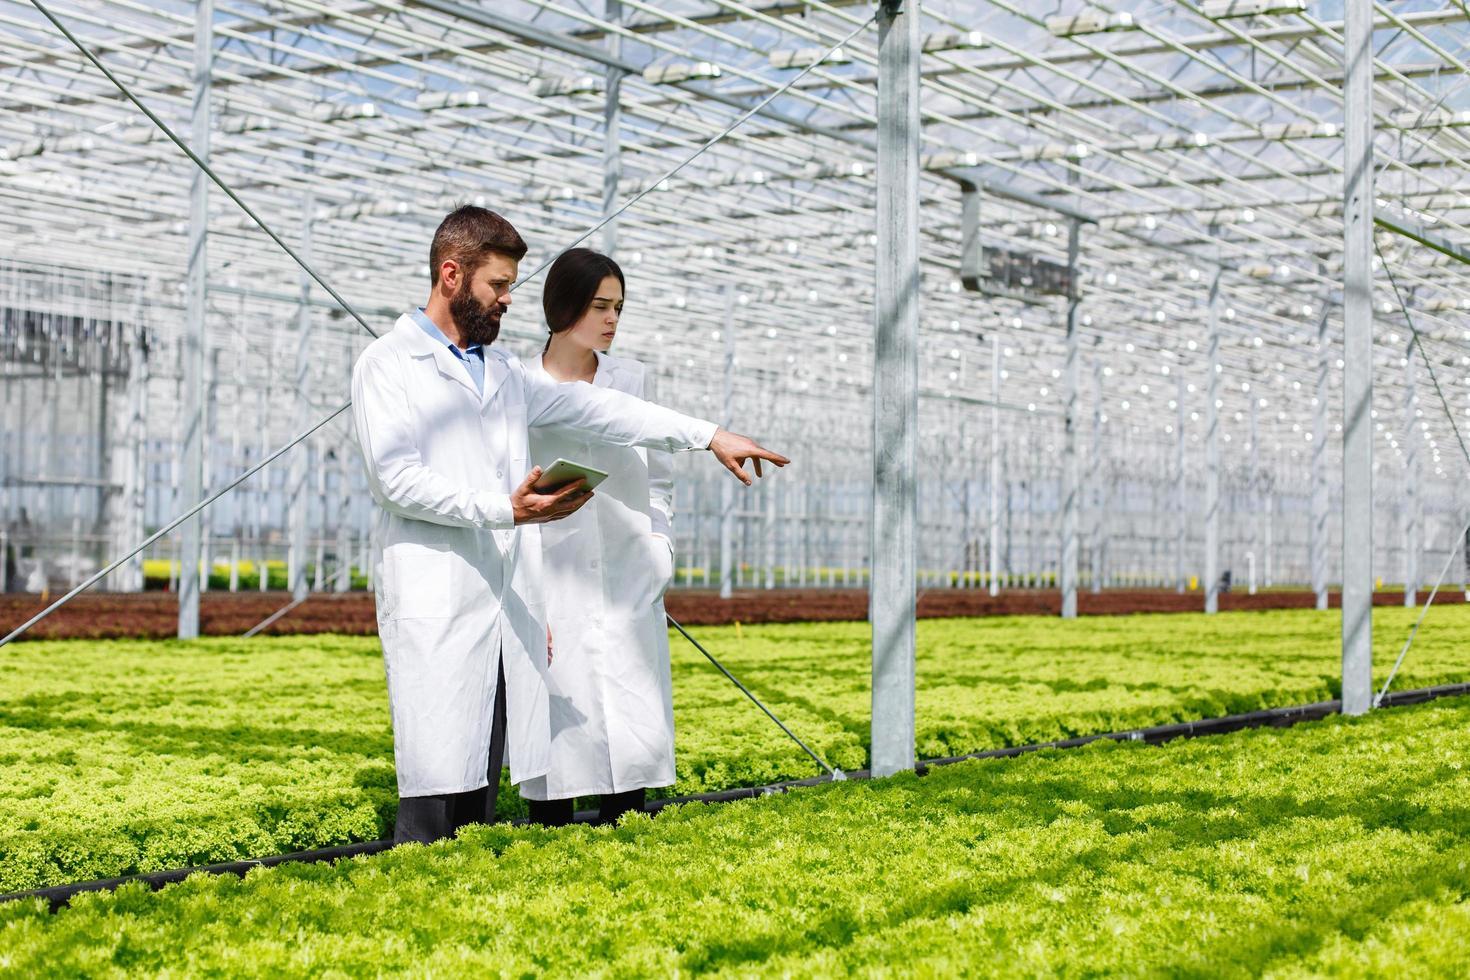 deux chercheurs dans une maison verte photo